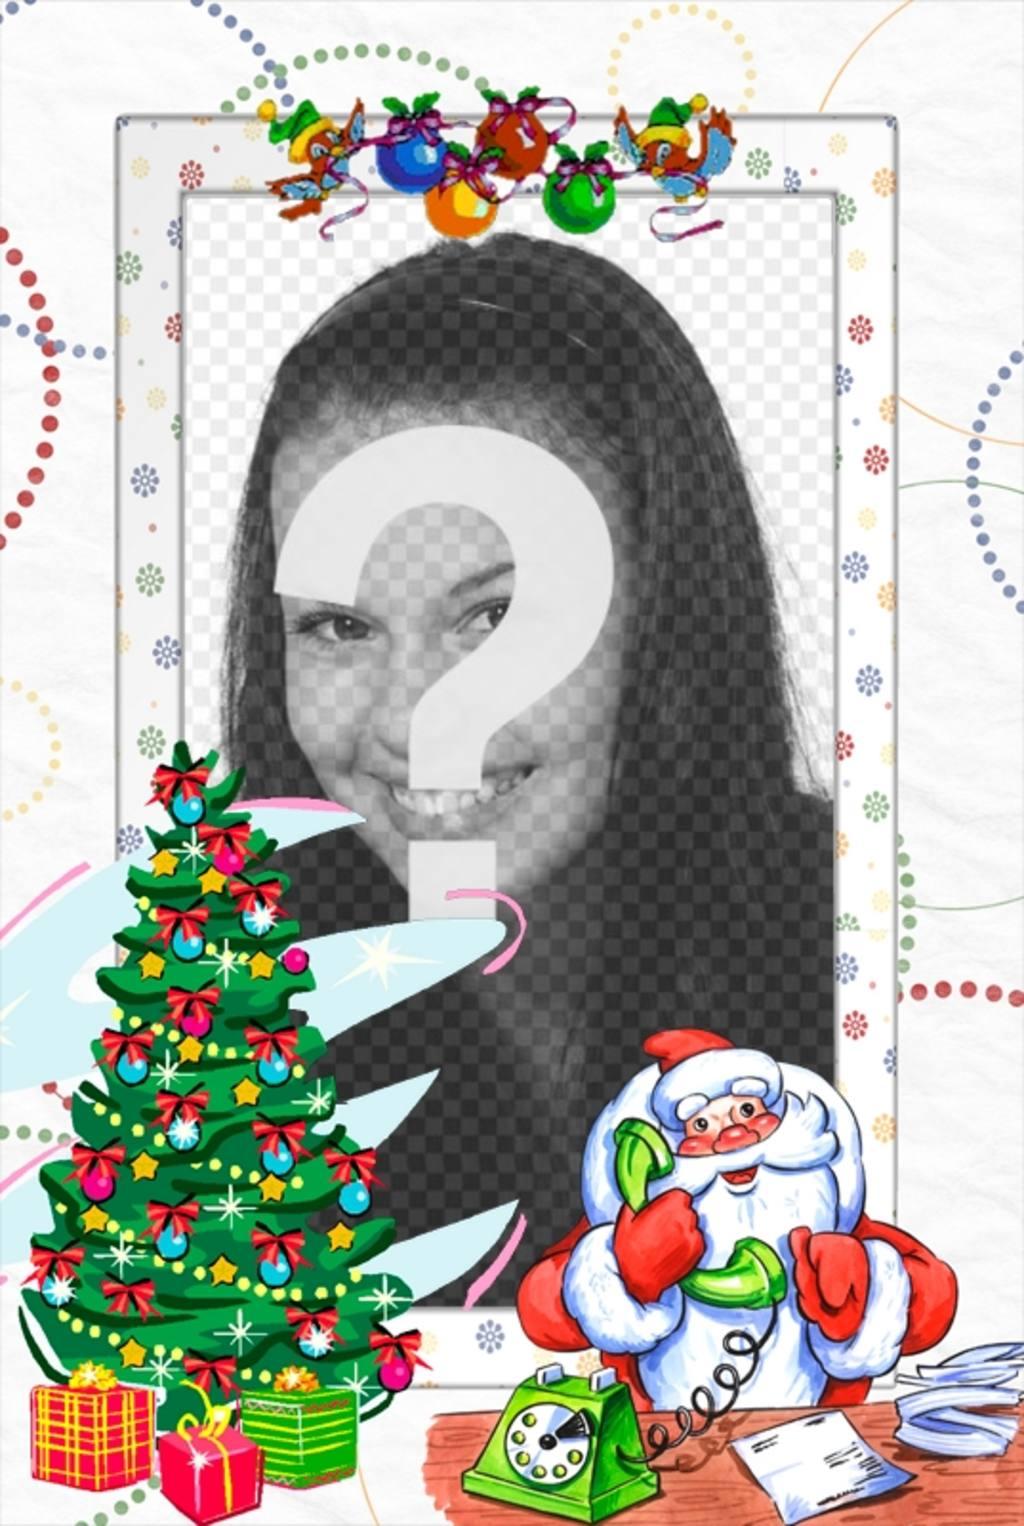 Cadre photo avec le Père Noël pour mettre votre photo avec lui. décoré